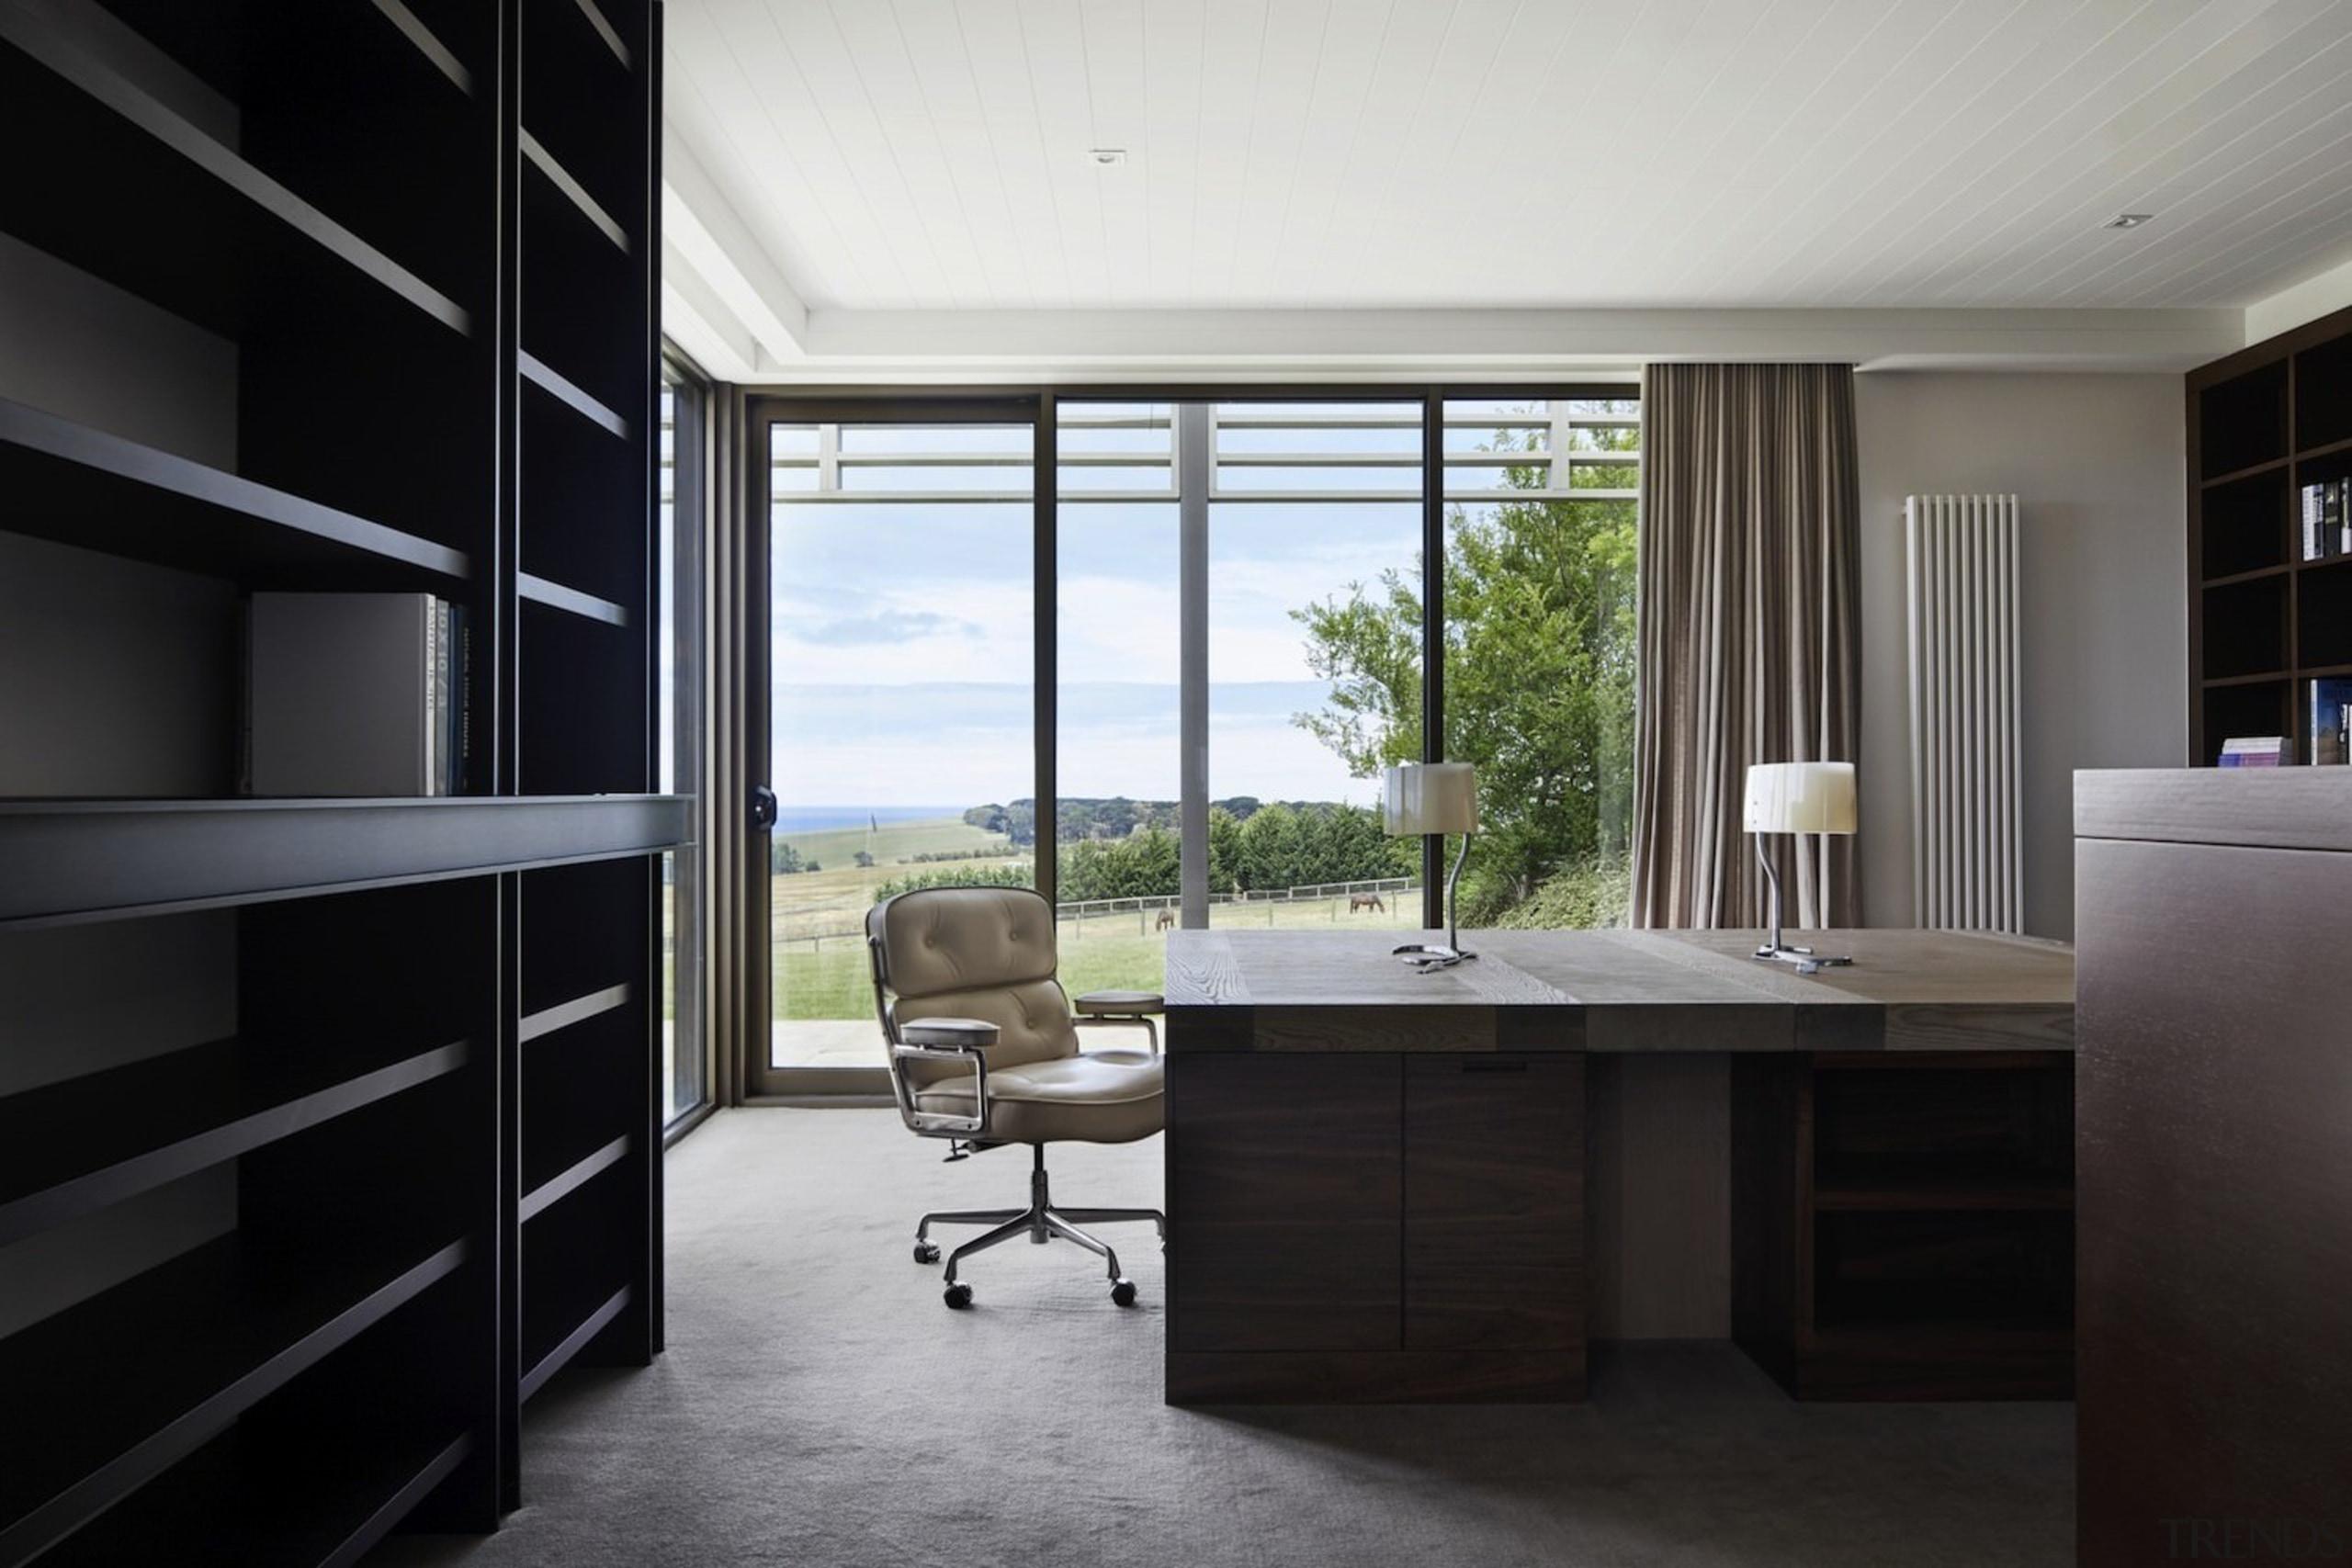 Architect: B.E Architecture architecture, interior design, window, black